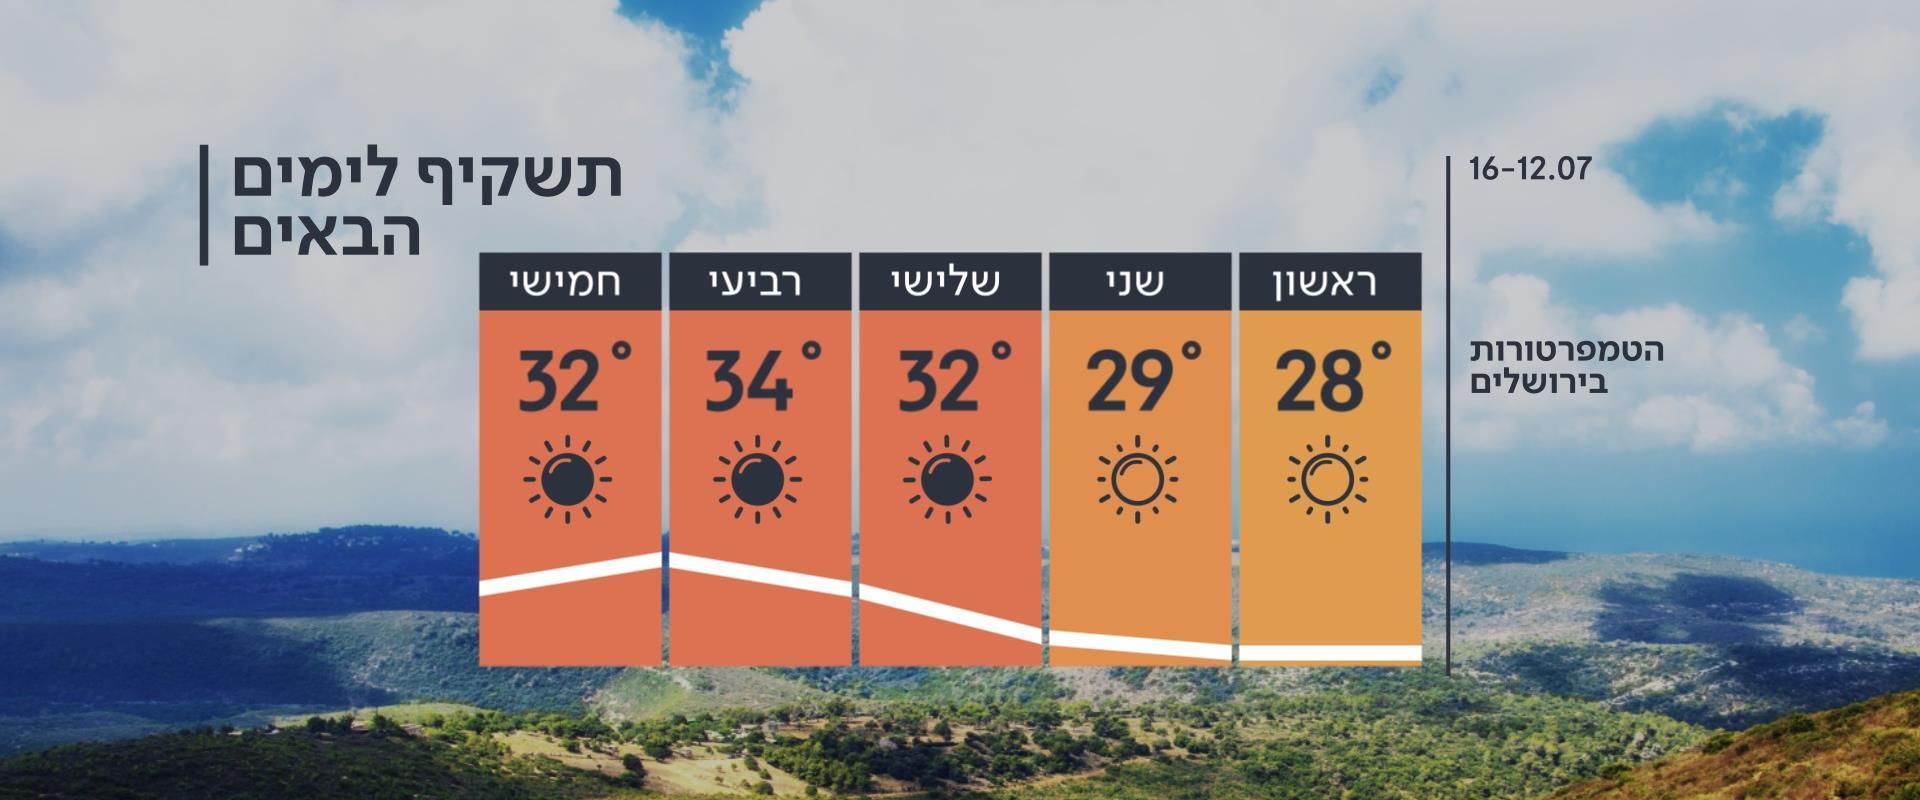 התחזית 11.07.20: פותחים את השבוע בהתחממות קלה